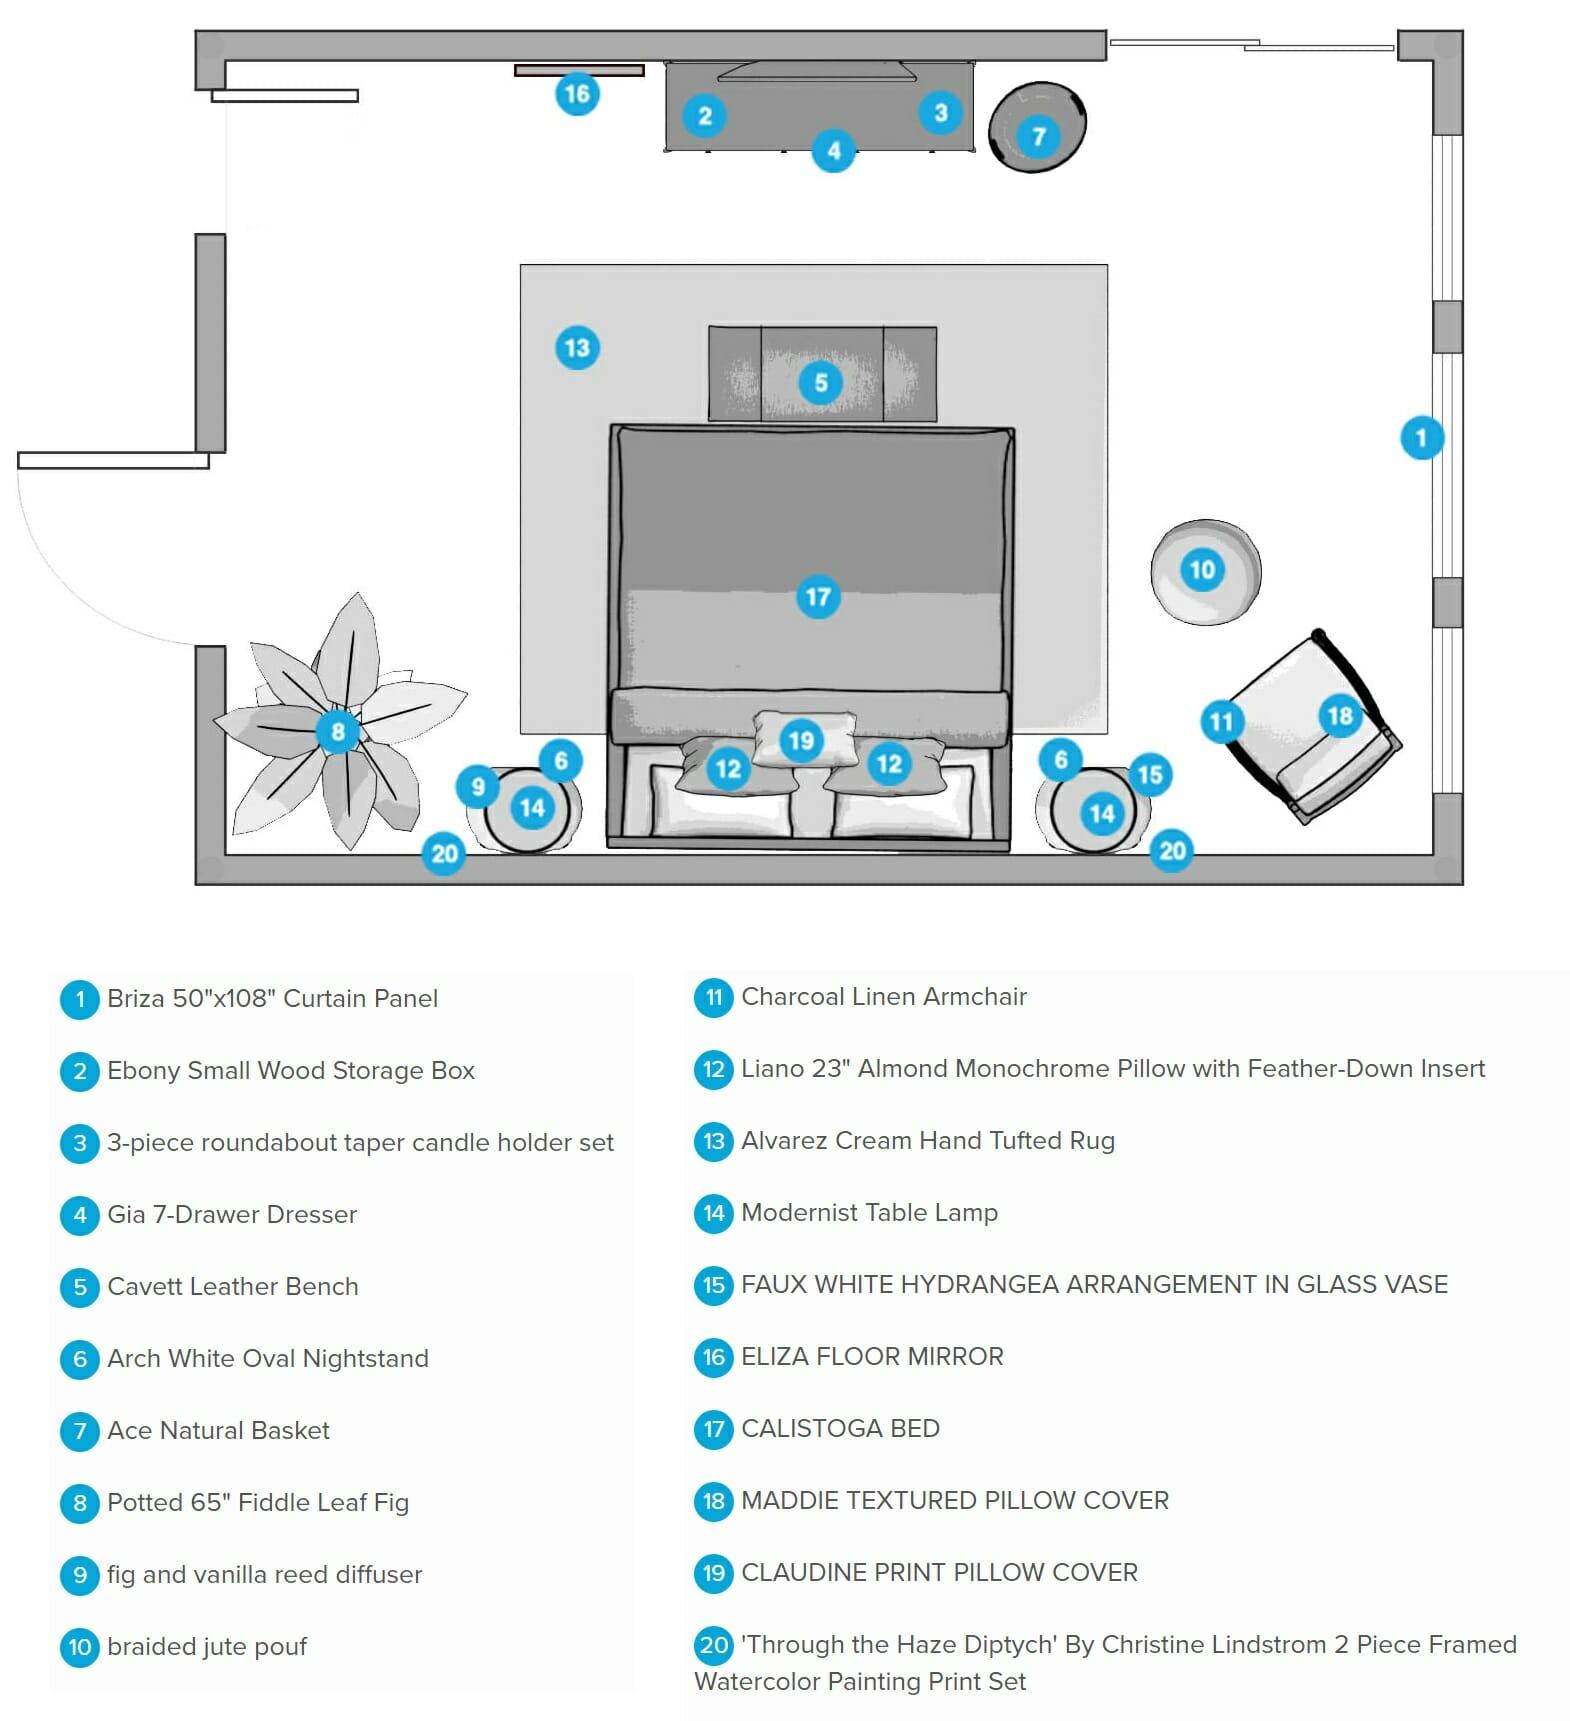 decorilla vs havenly comparison floor plan